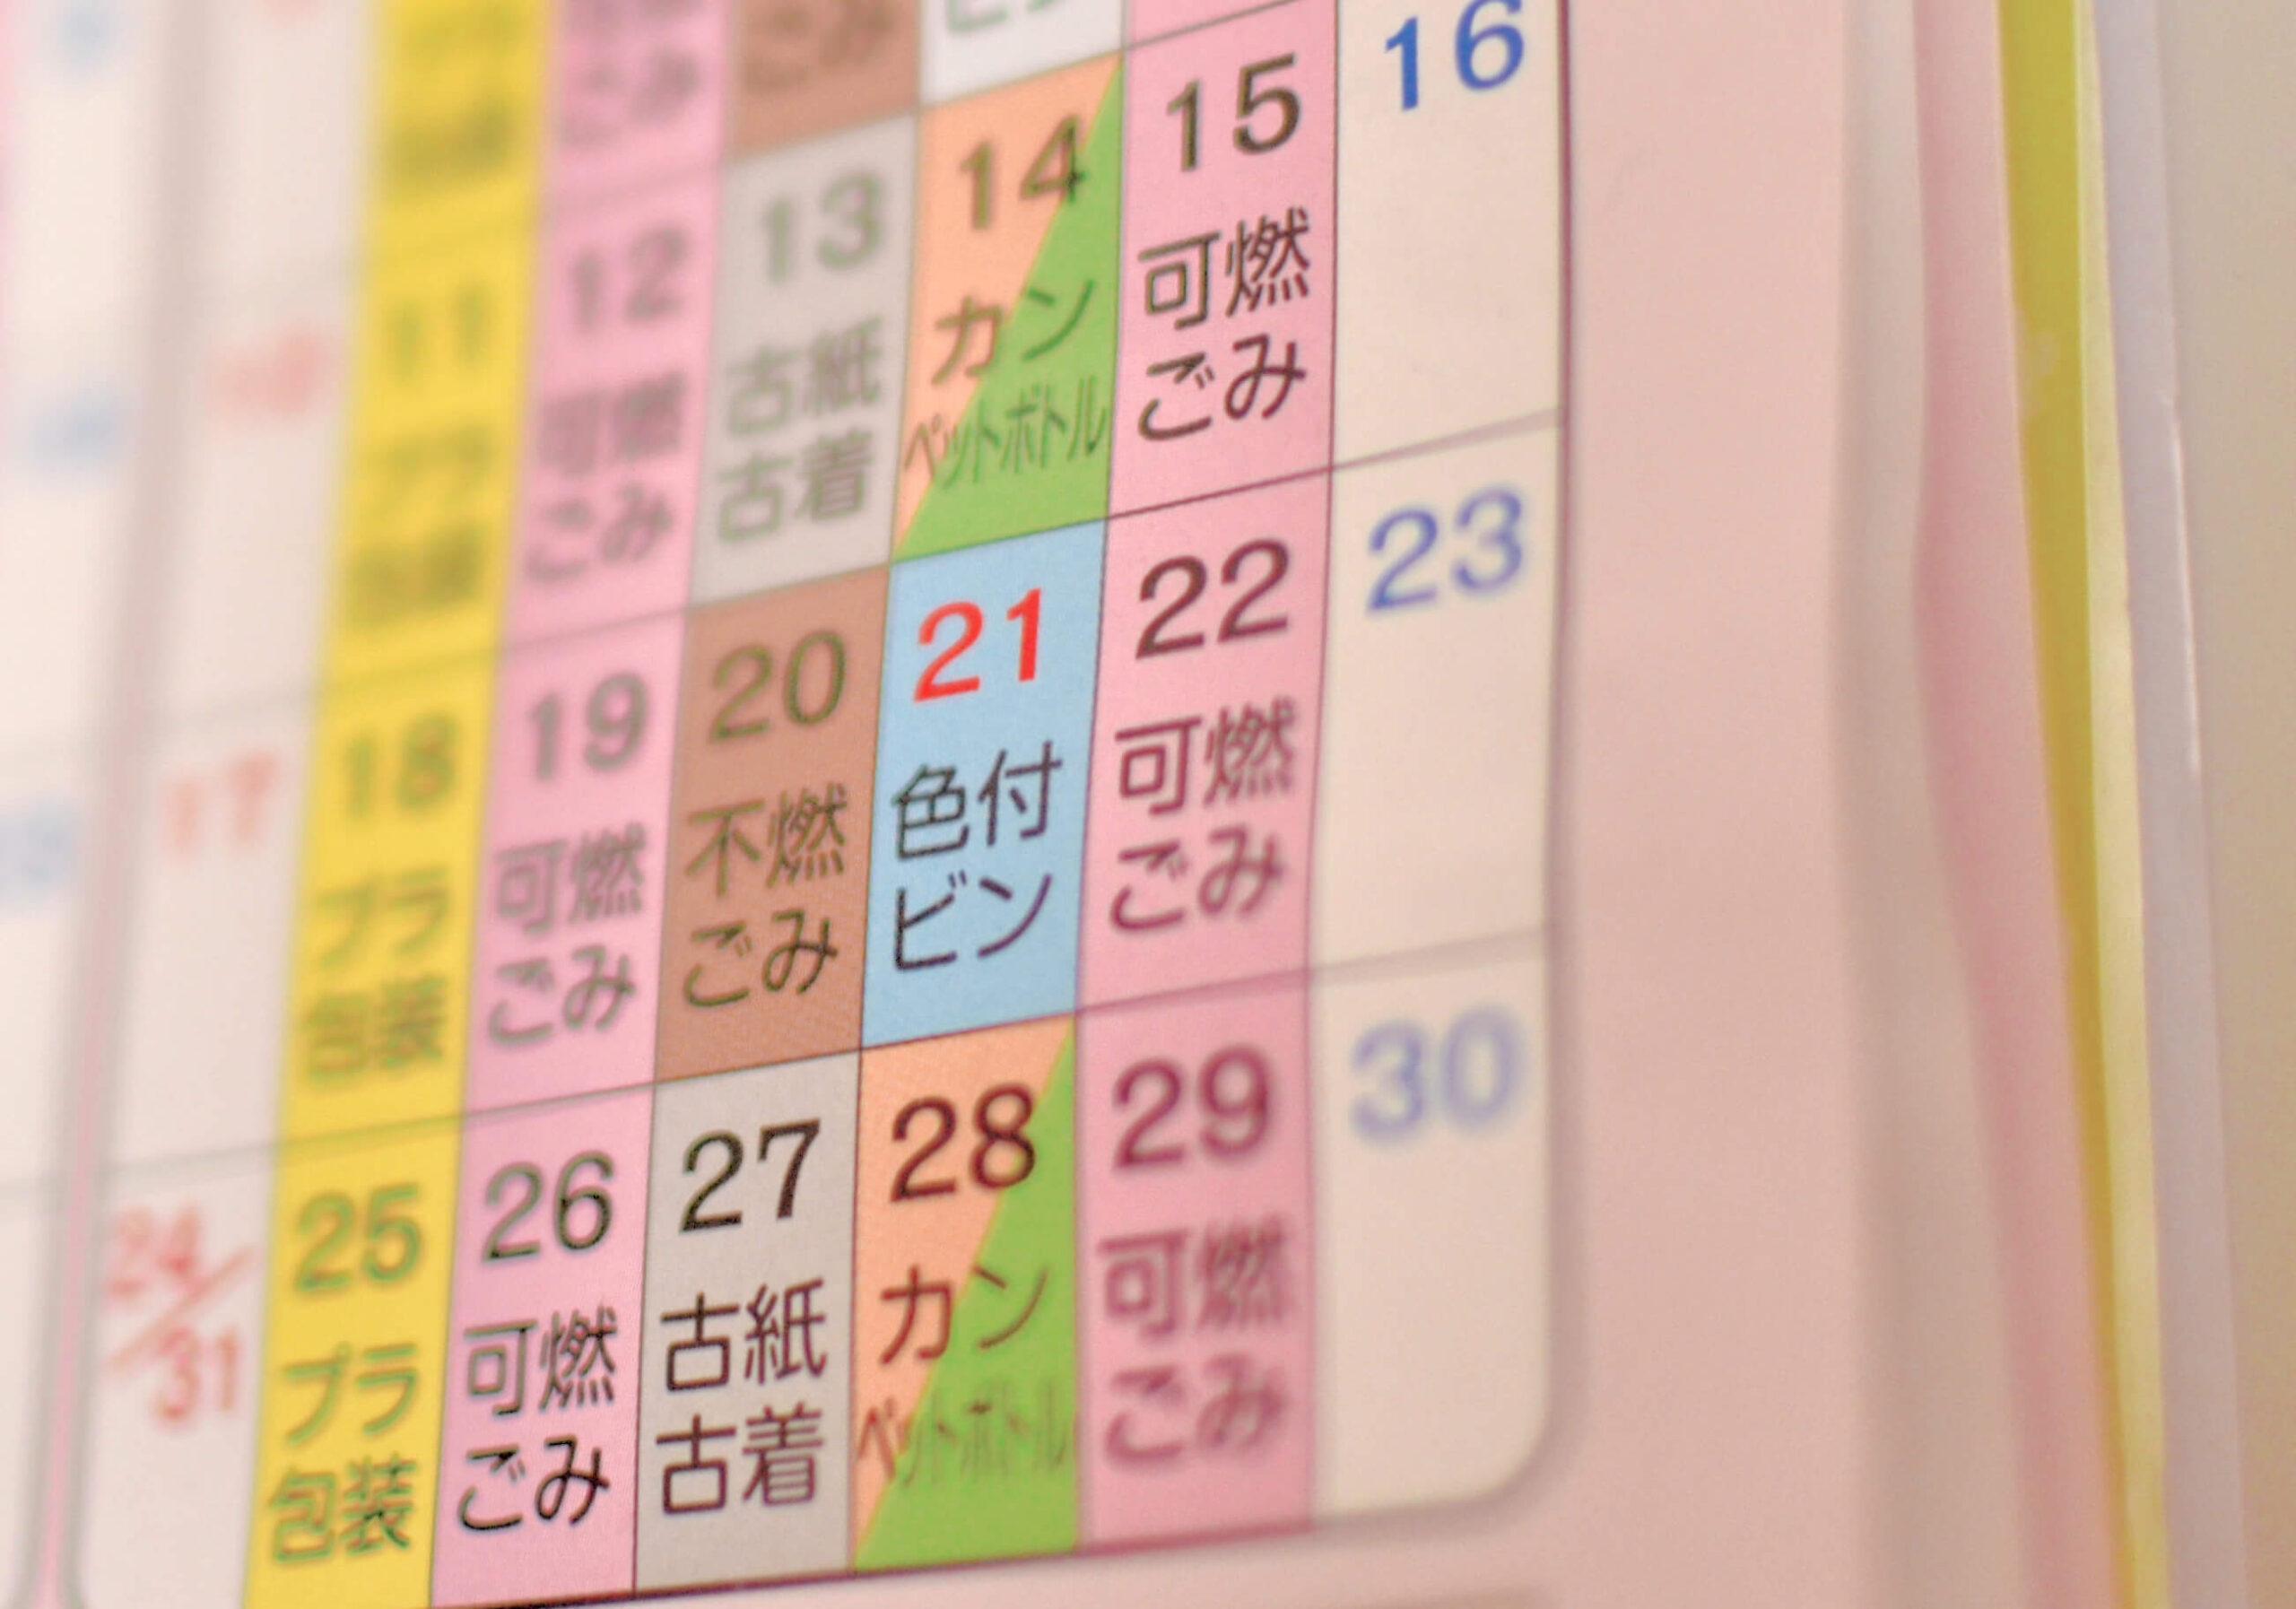 ごみ収集のカレンダー